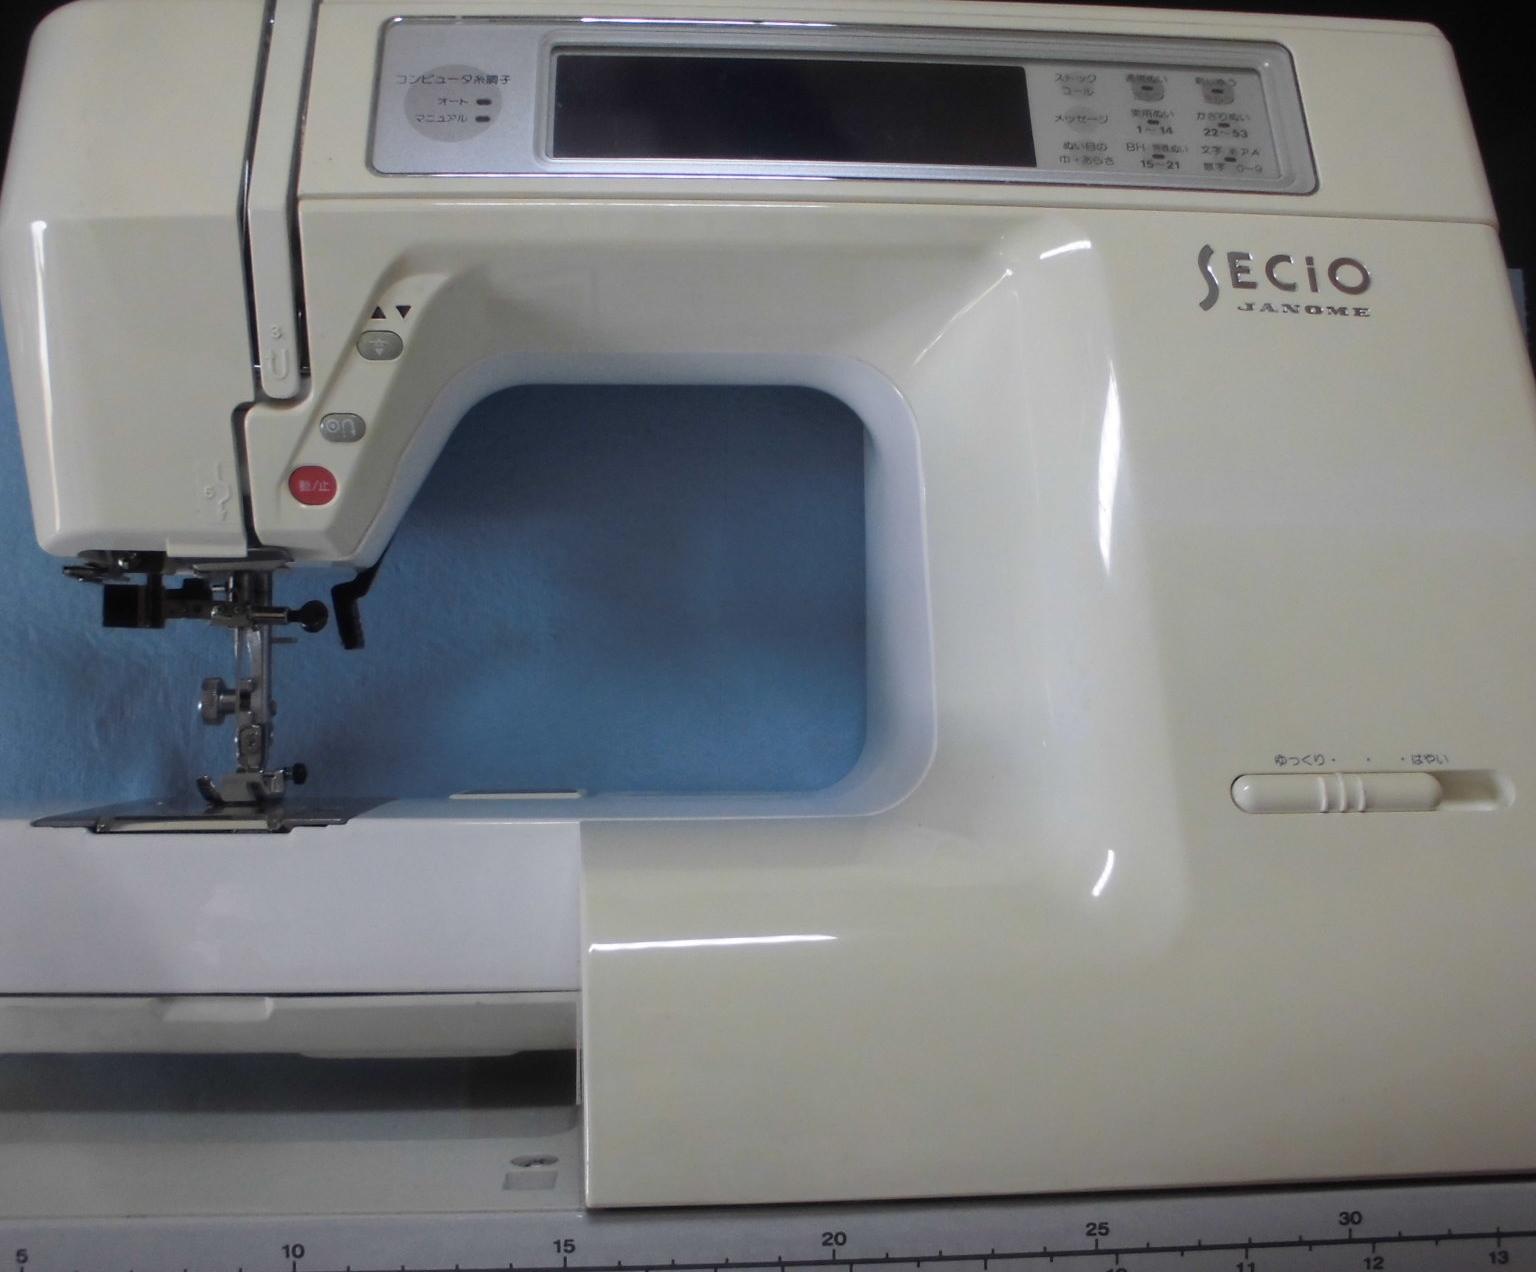 ジャノメミシン修理|セシオ8300|液晶画面が暗くなり見えない、バックライトの交換作業